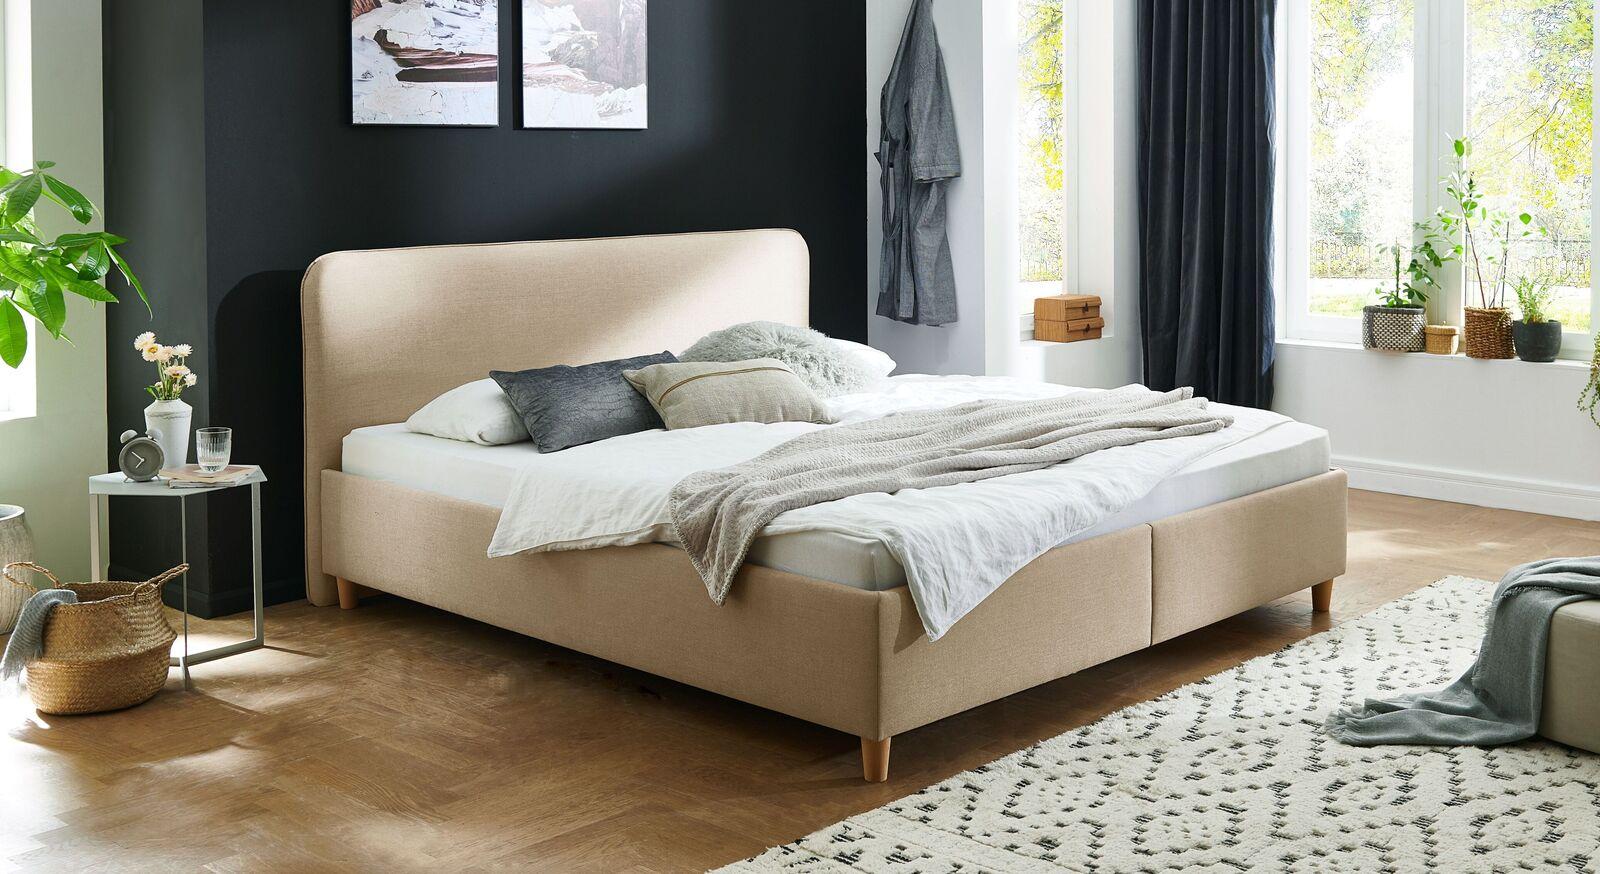 Bett Kannur mit hochwertigem Webstoff in Natur